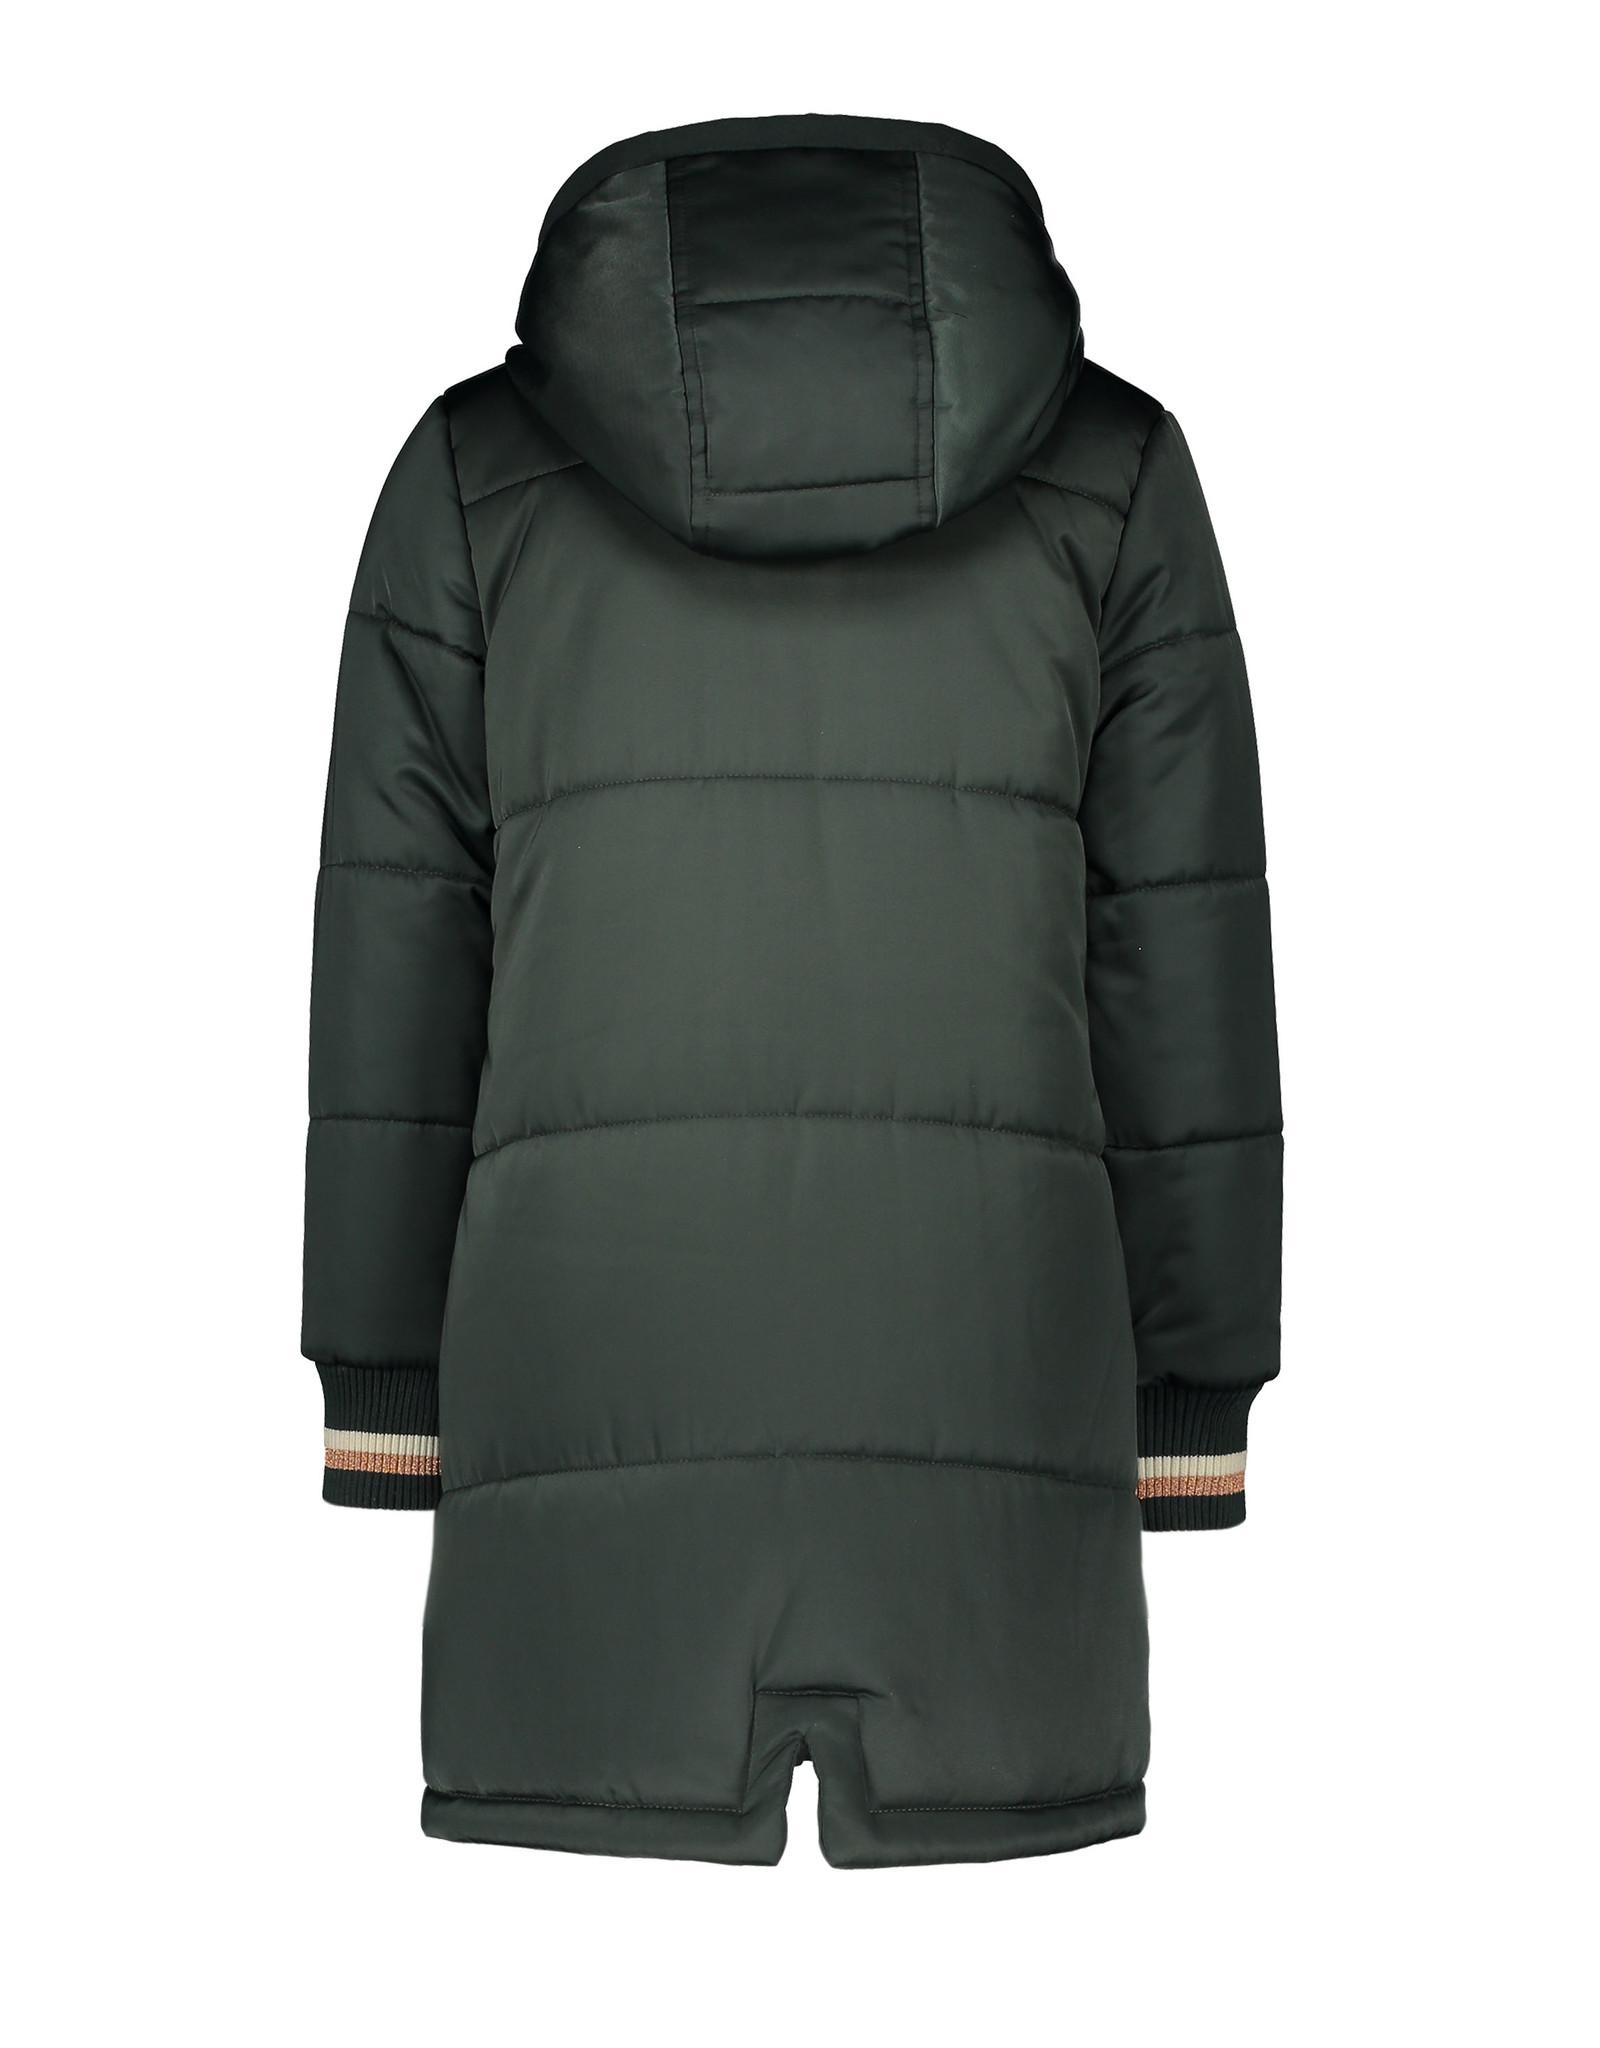 Moodstreet MT jacket long, Forest